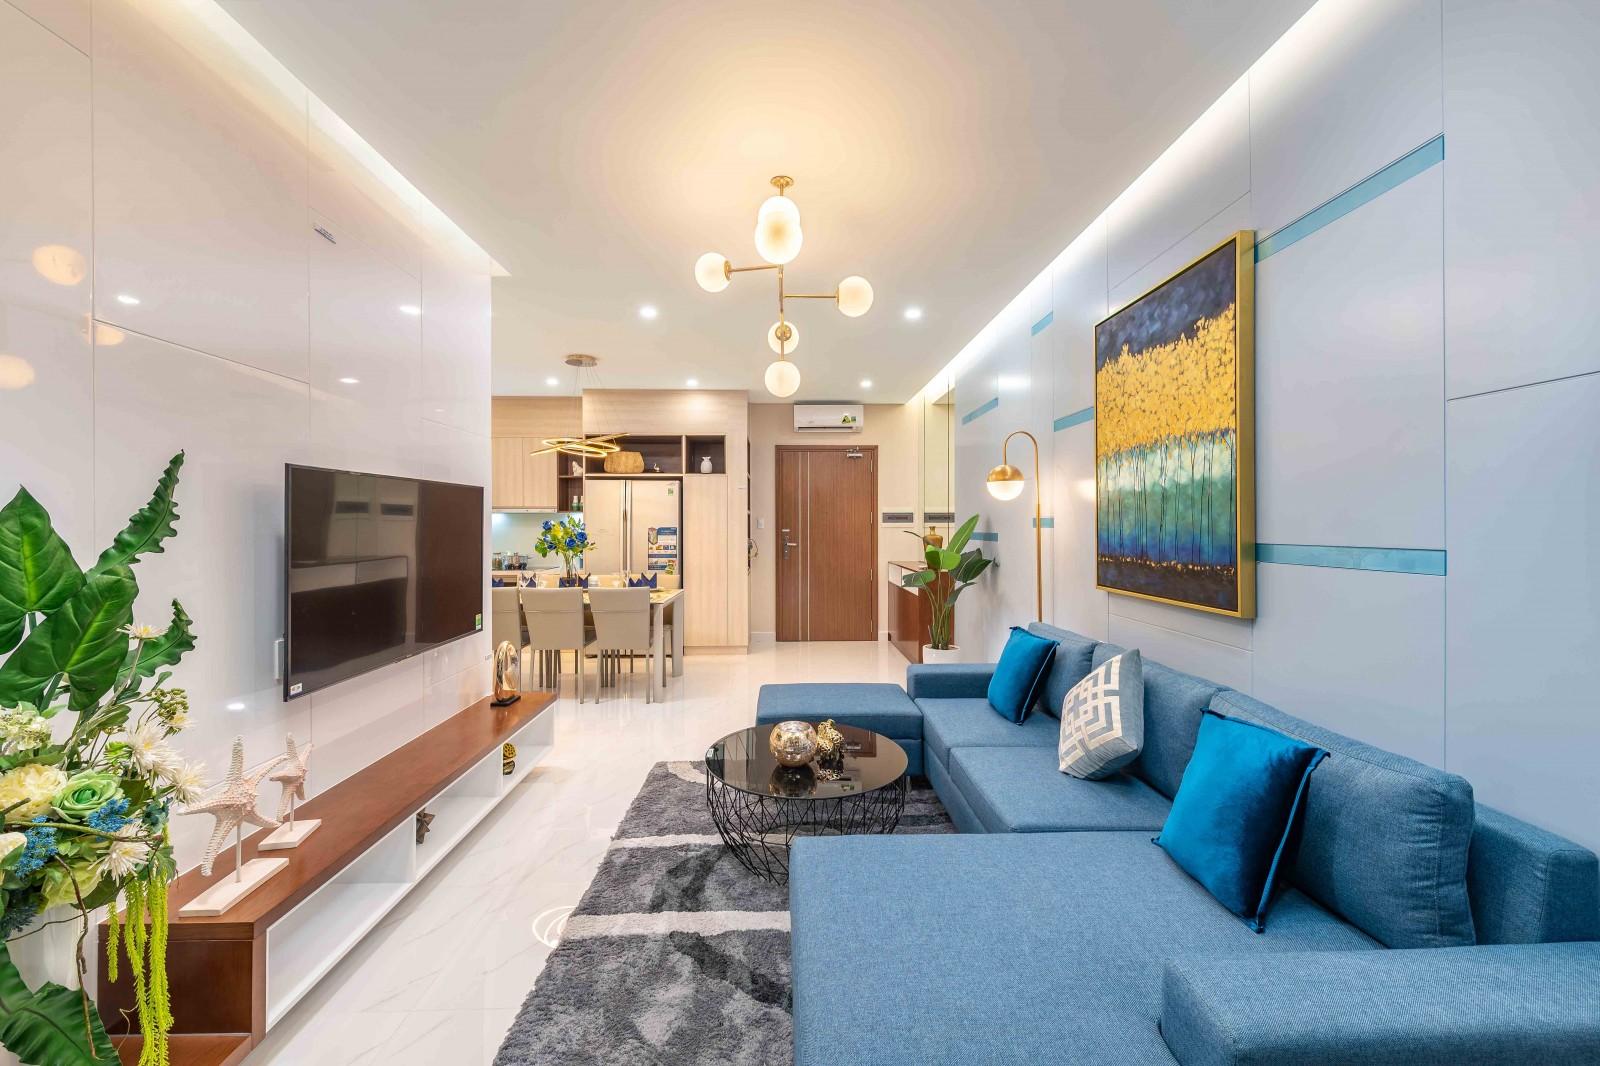 Nhiều dự án có đa dạng loại hình căn hộ từ 1+1PN đến 3PN cho khách hàng dễ dàng lựa chọn, phù hợp với nhu cầu.